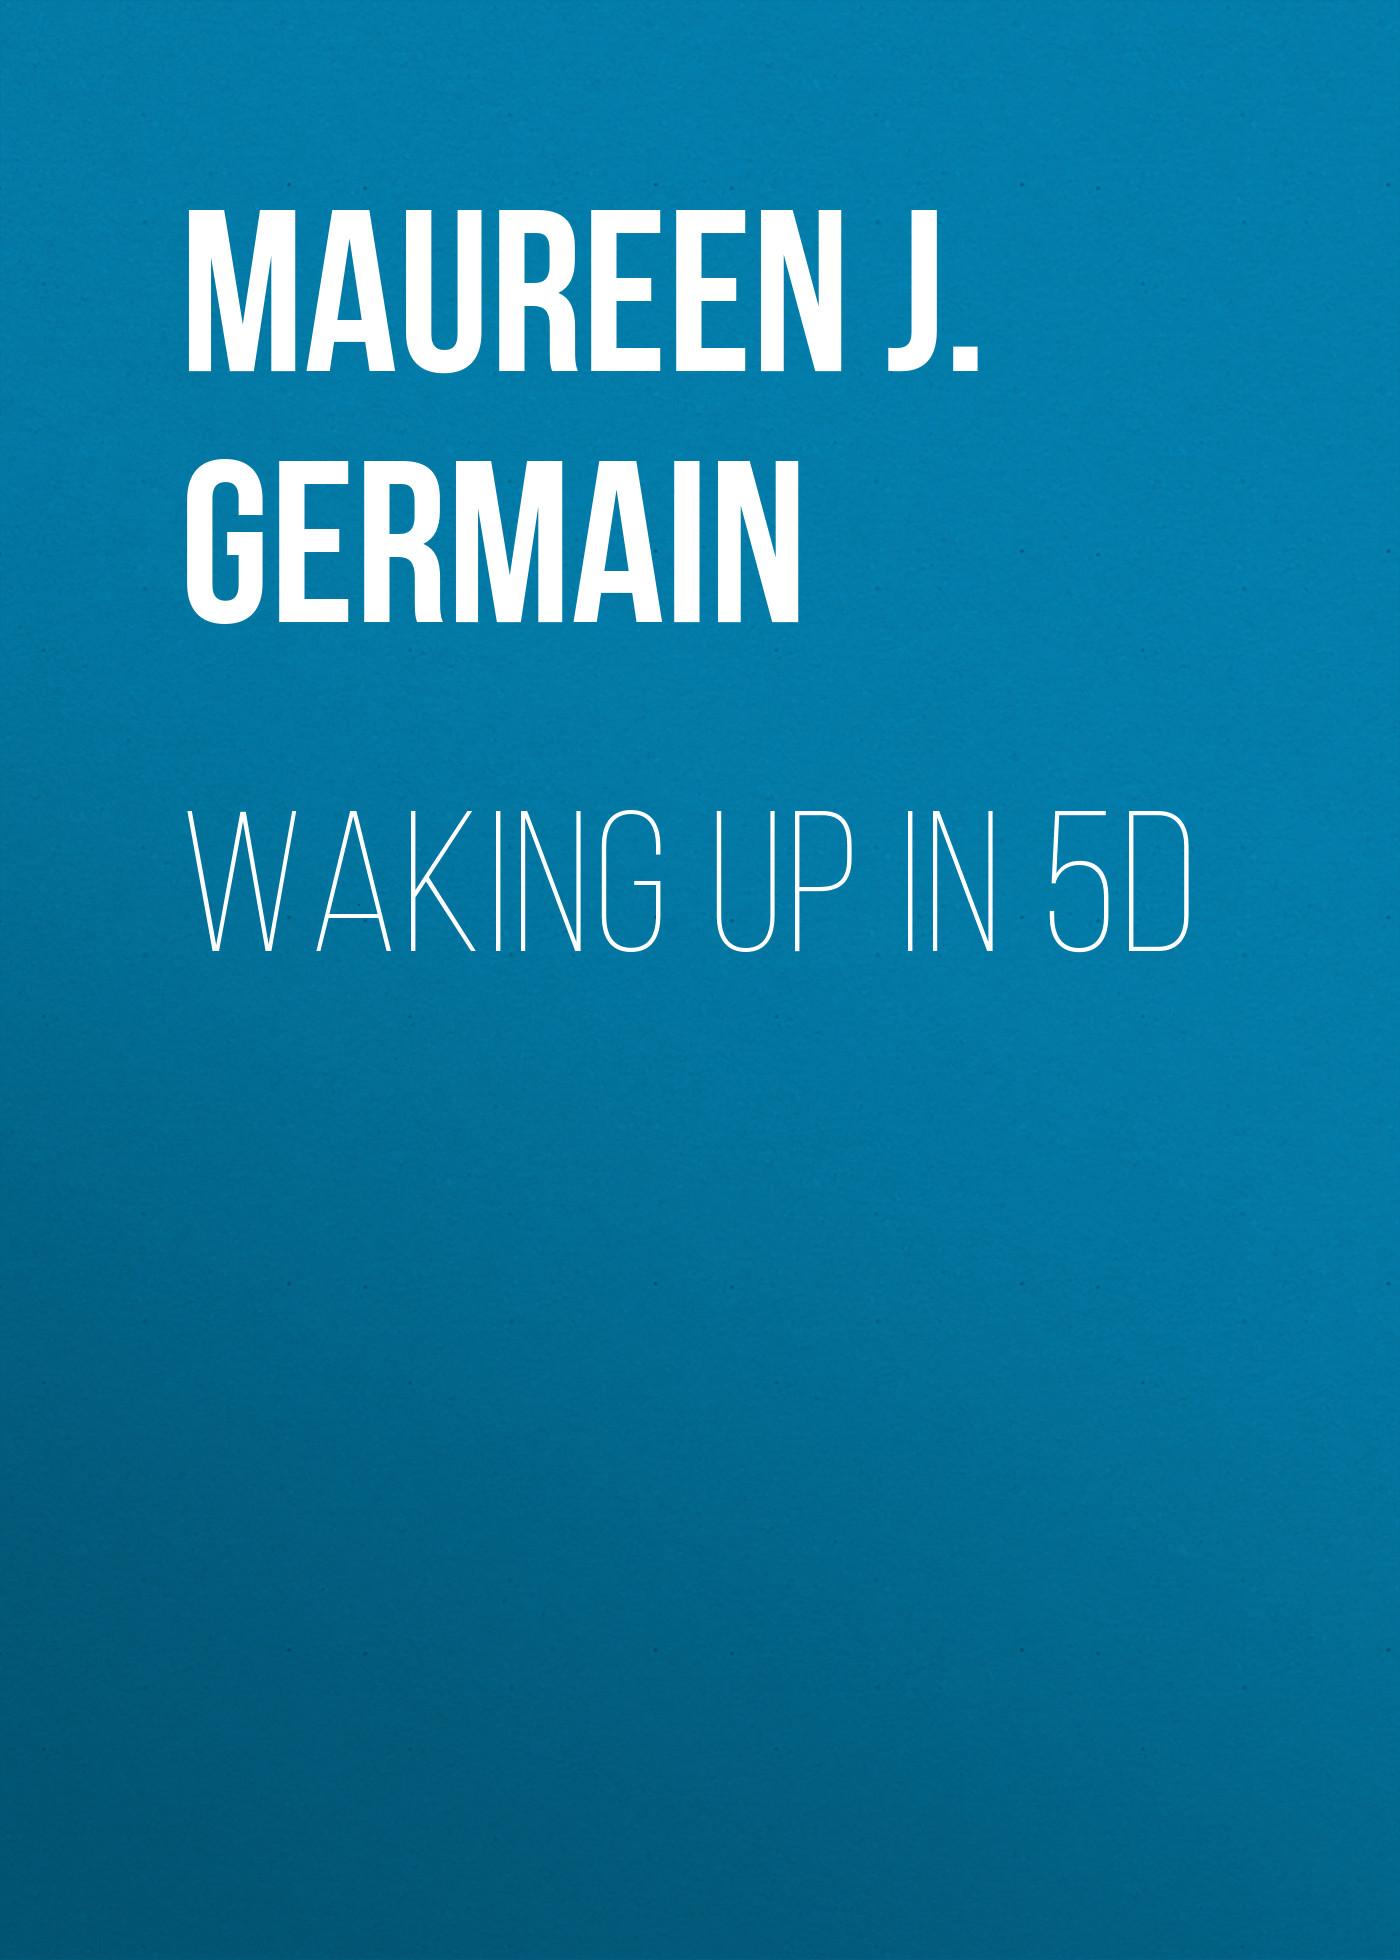 Maureen J. St. Germain Waking Up in 5D waking beauty